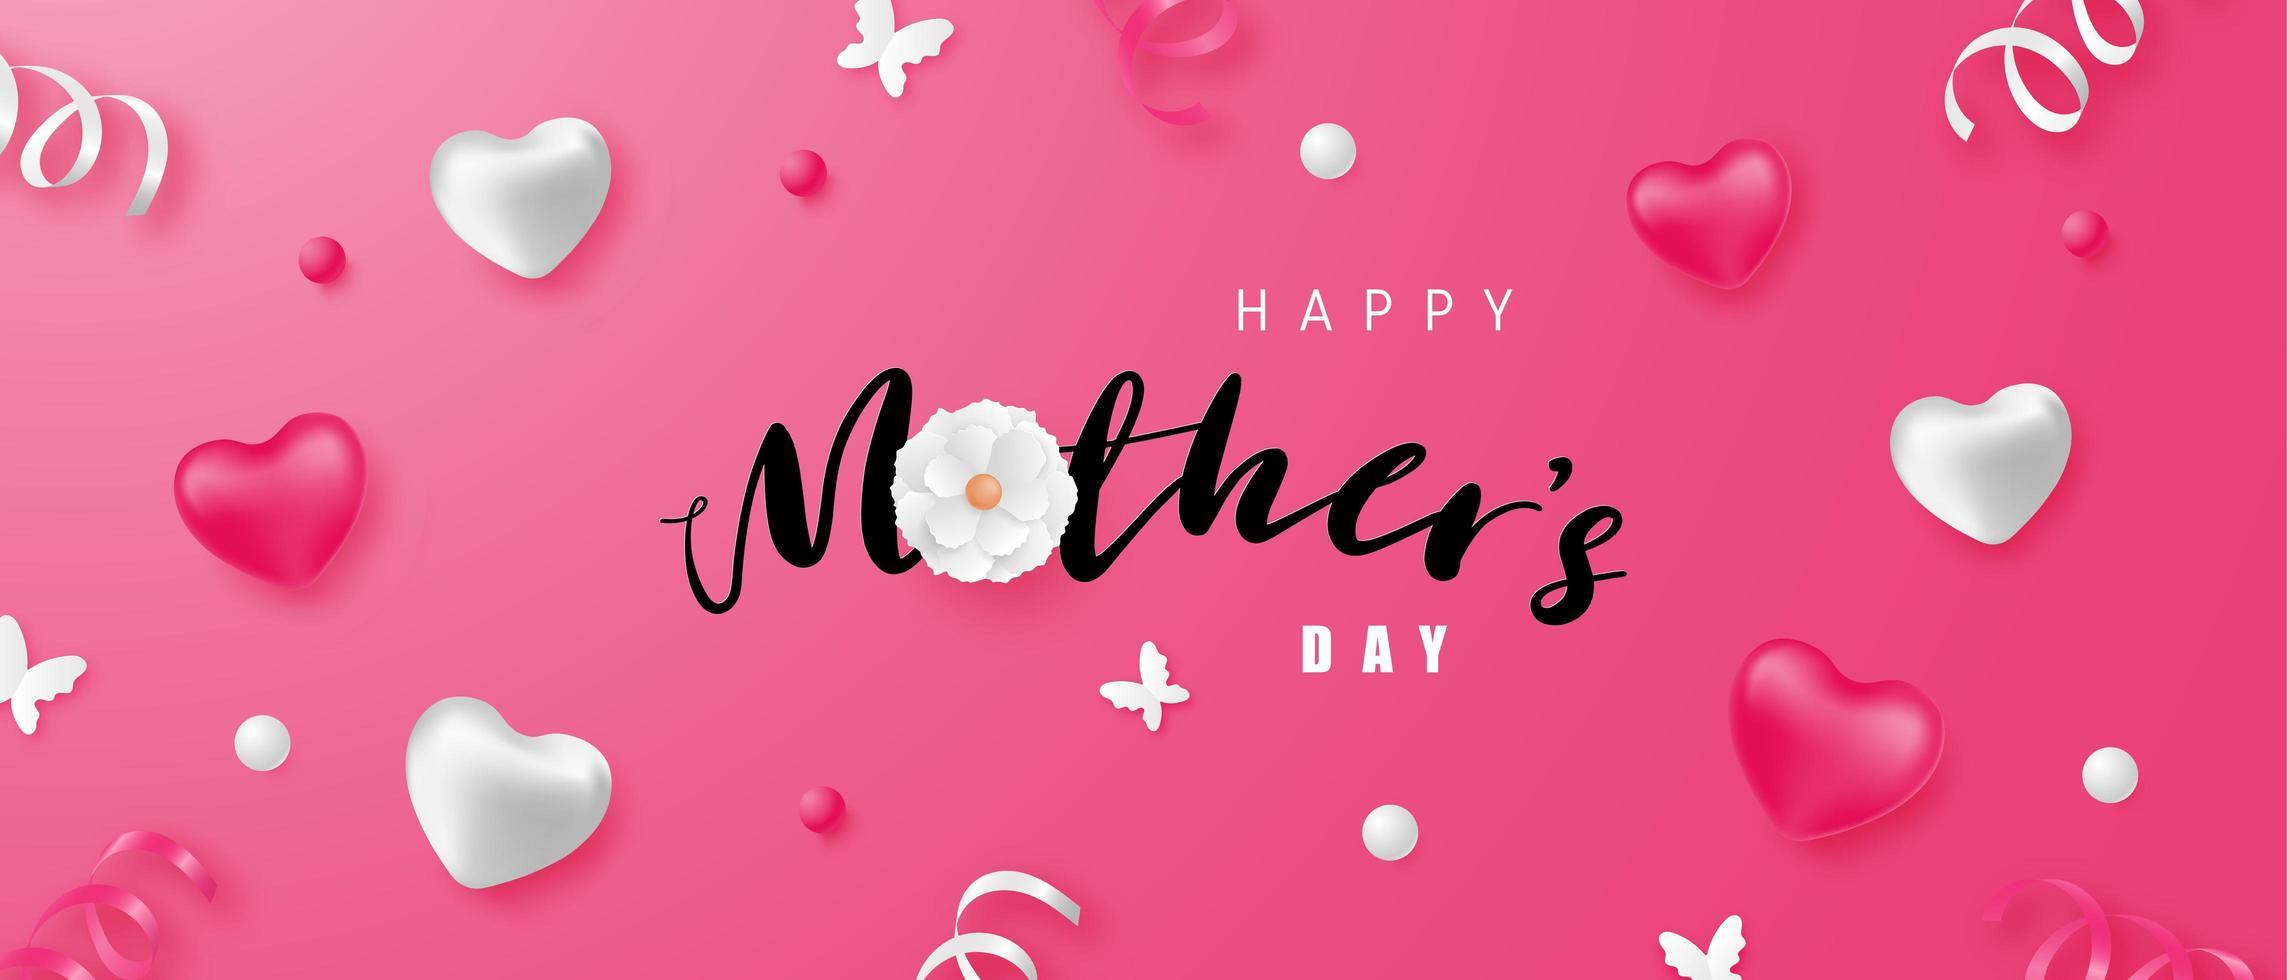 Feliz día de la madre banner con corazones y confeti vector